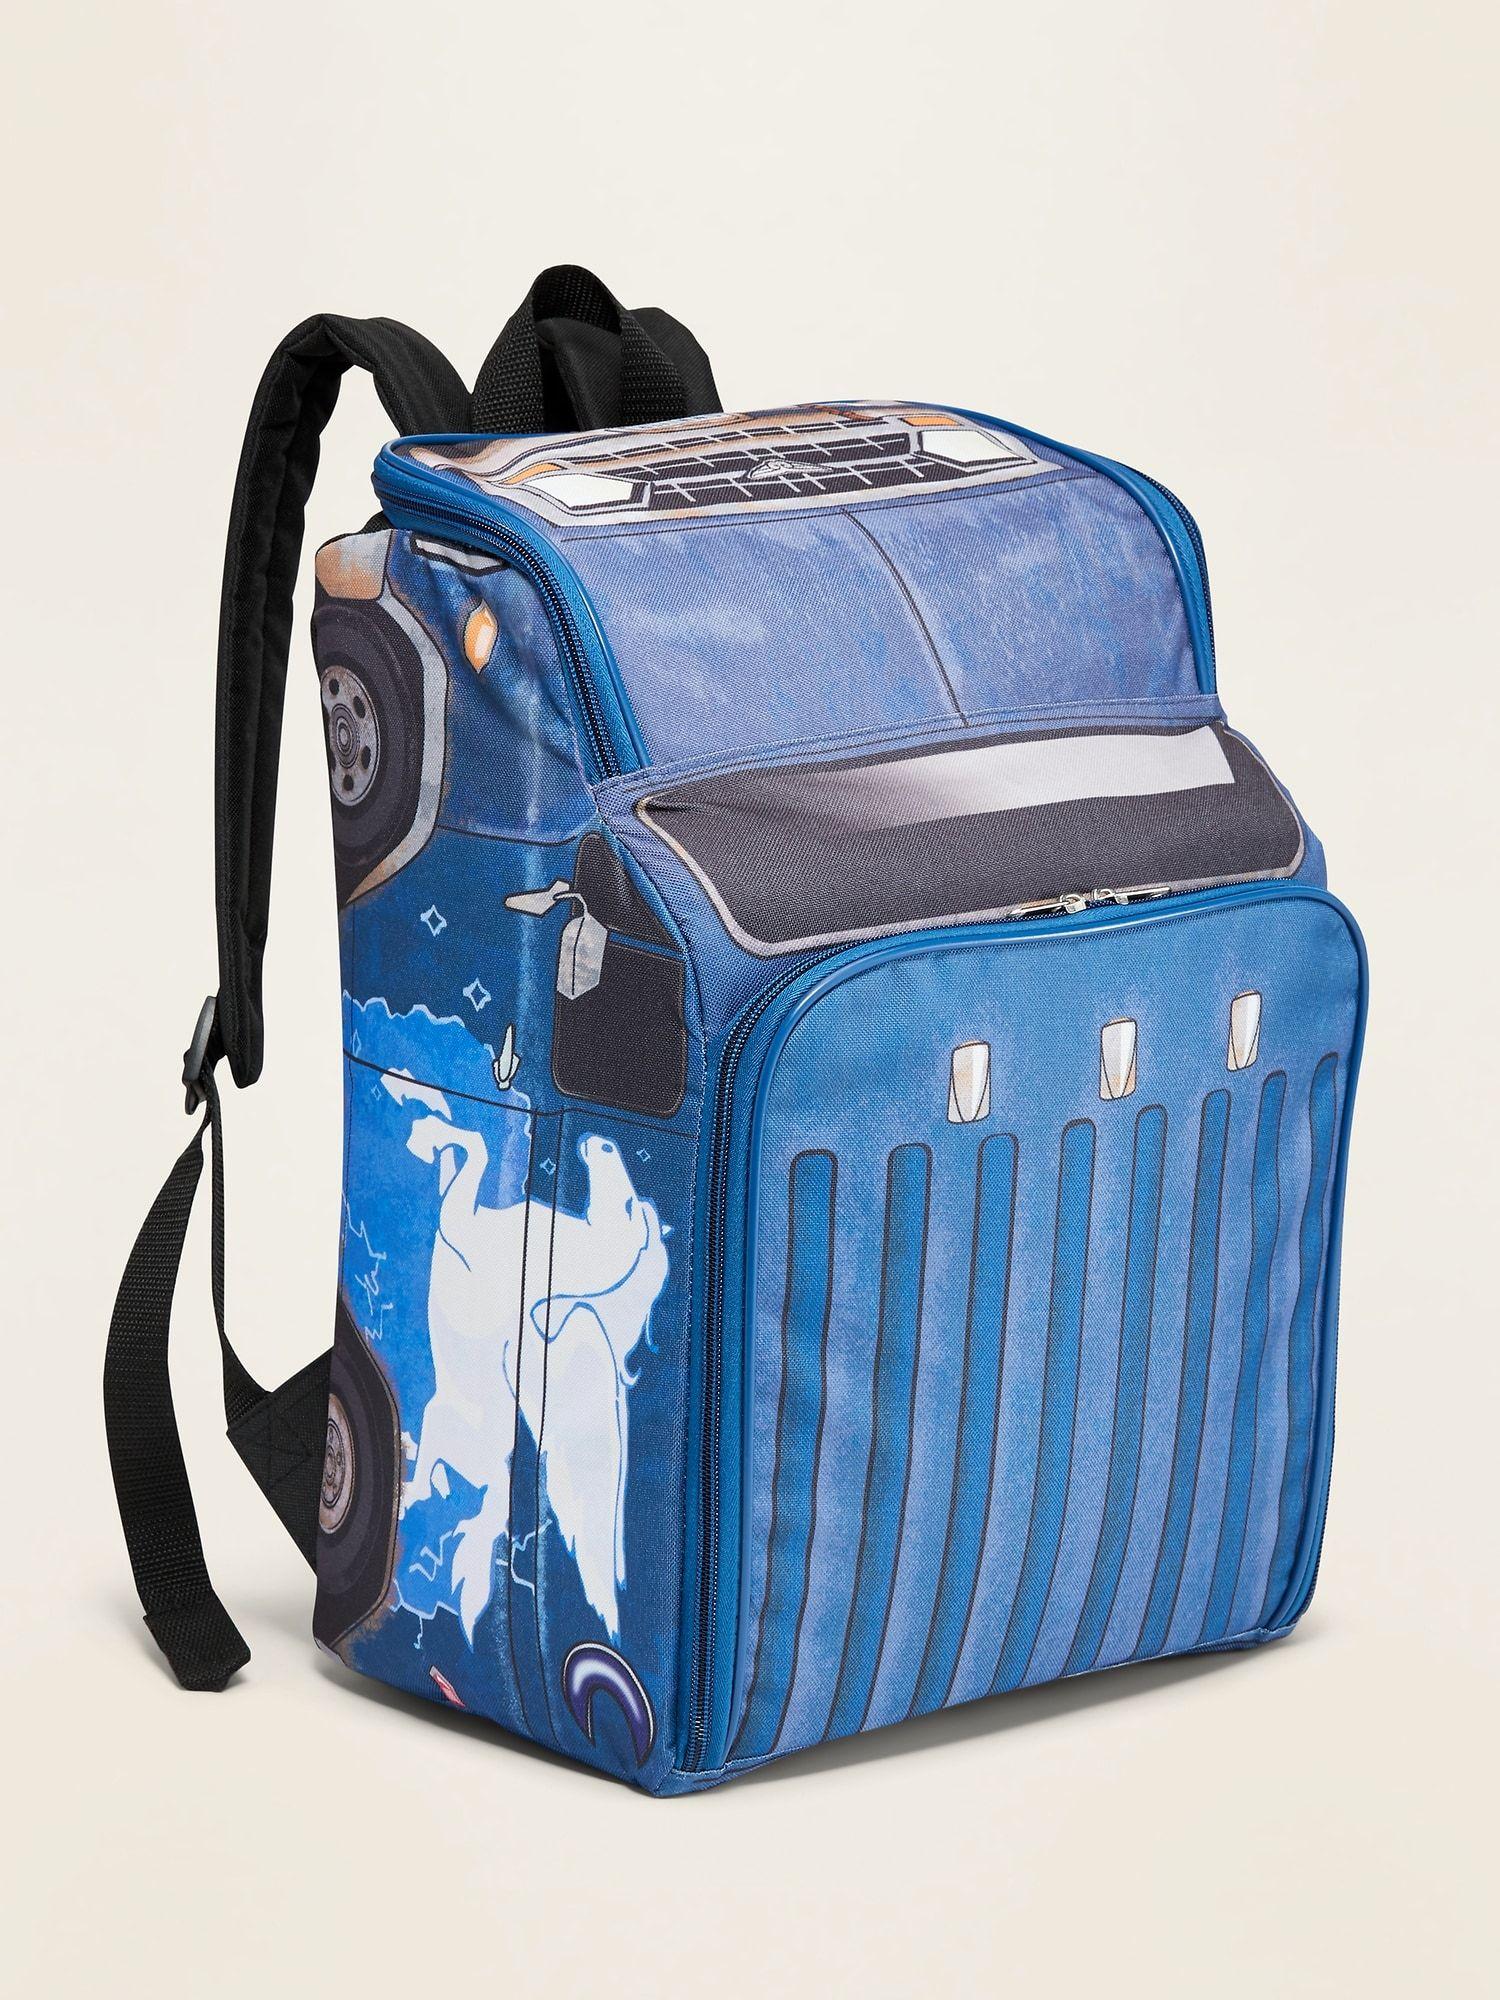 Disney/Pixar© Onward Backpack for Kids | Old Navy